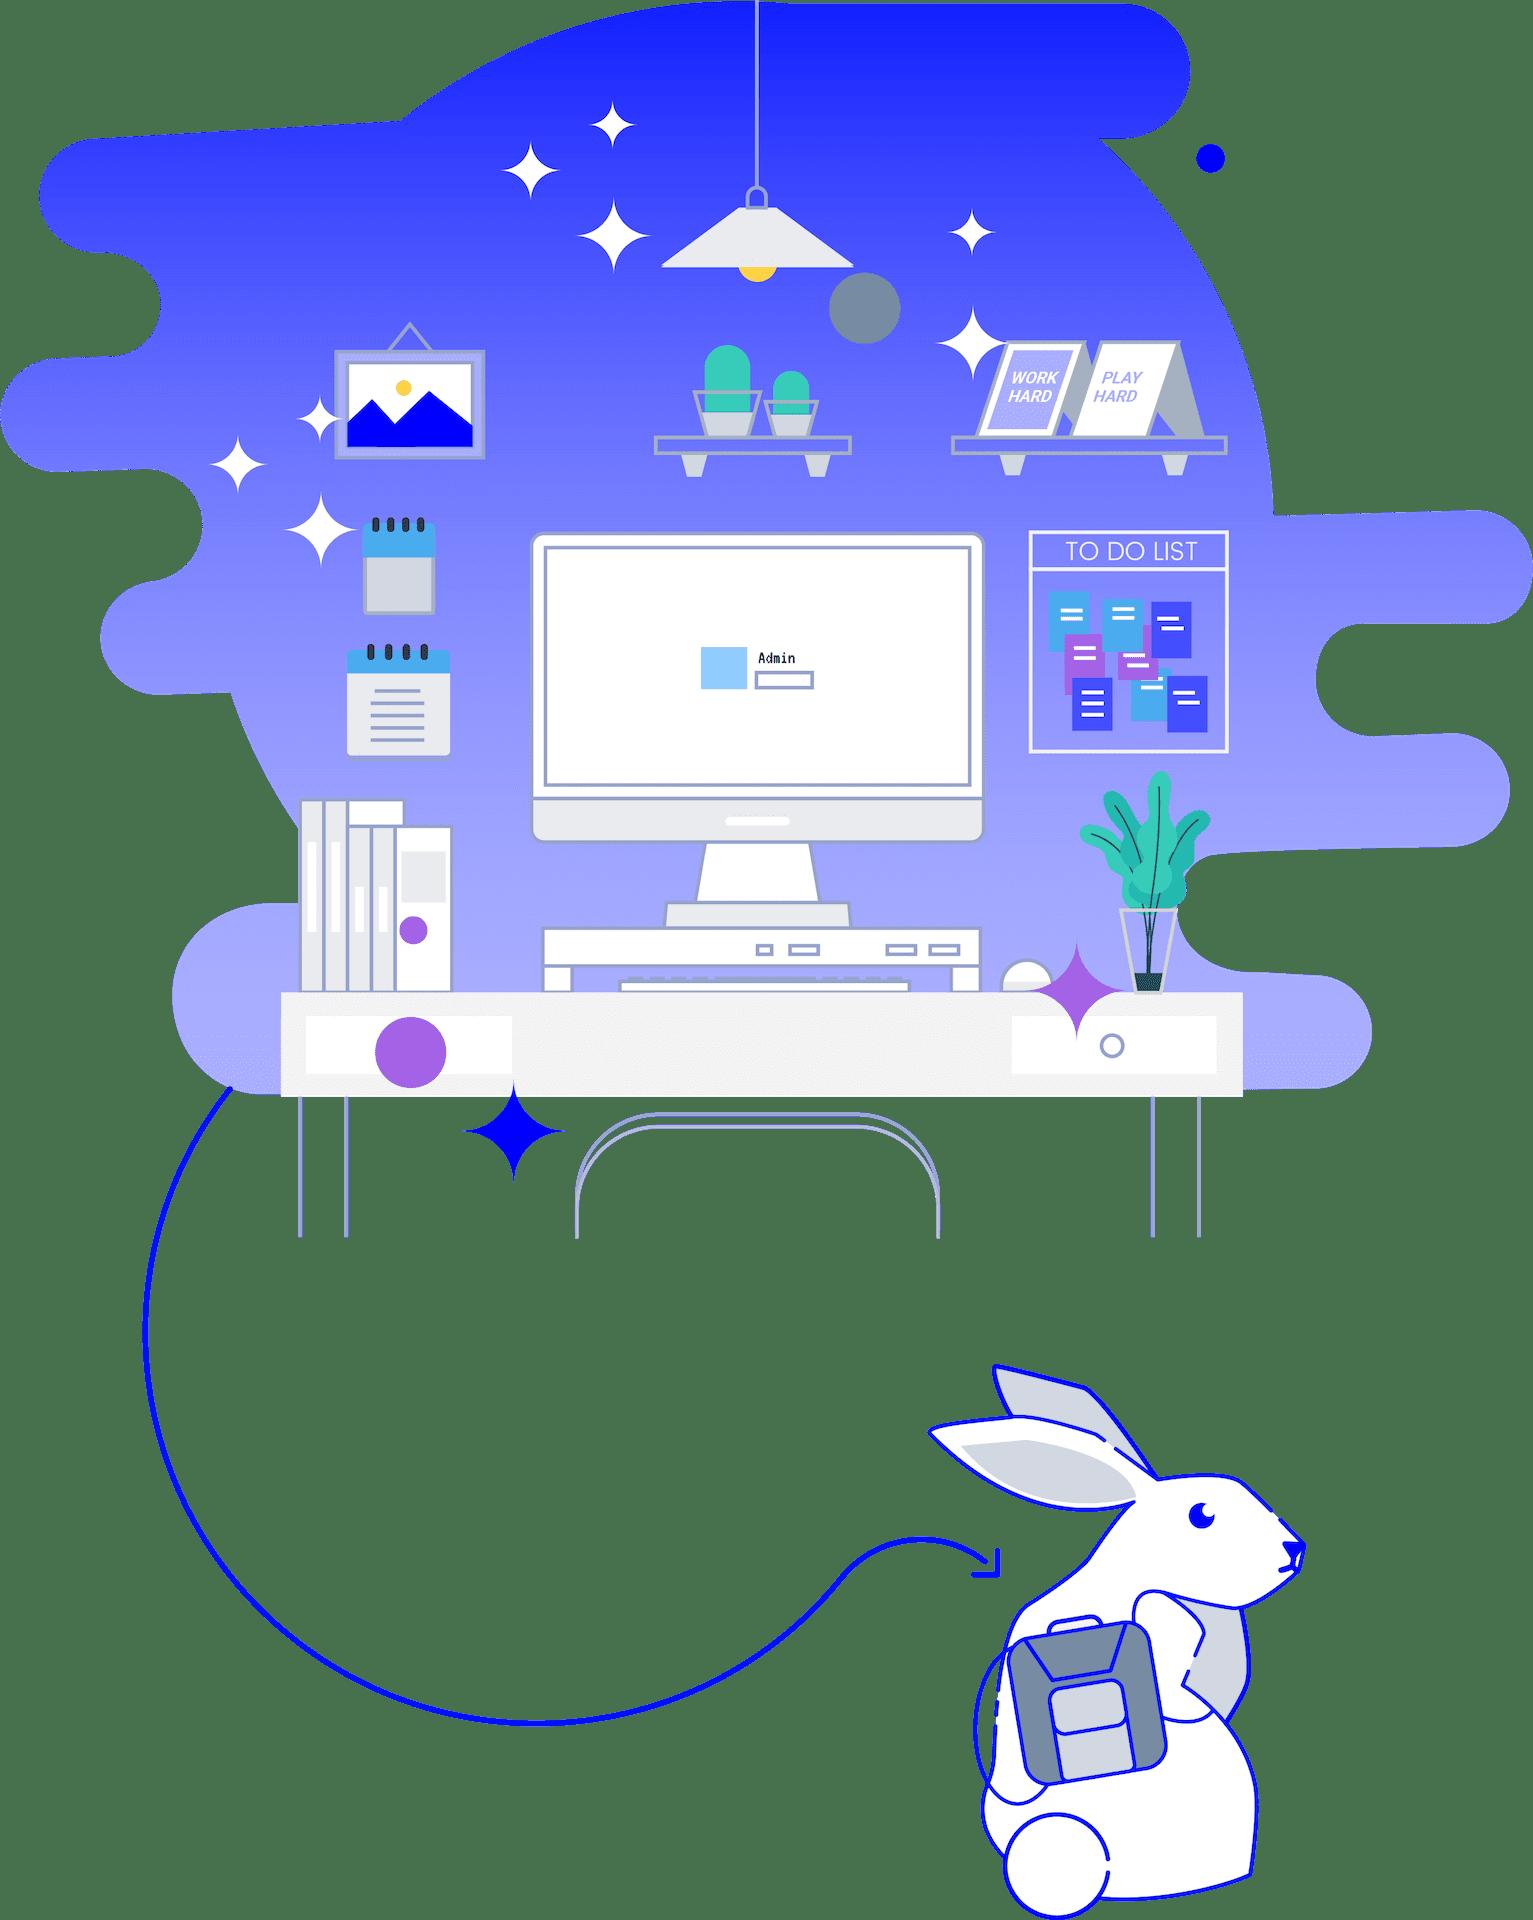 minuteman kontakt - deine Webdeigner und Grafiker in Villach - Kaninchen aus dem Home Office mit Rucksack